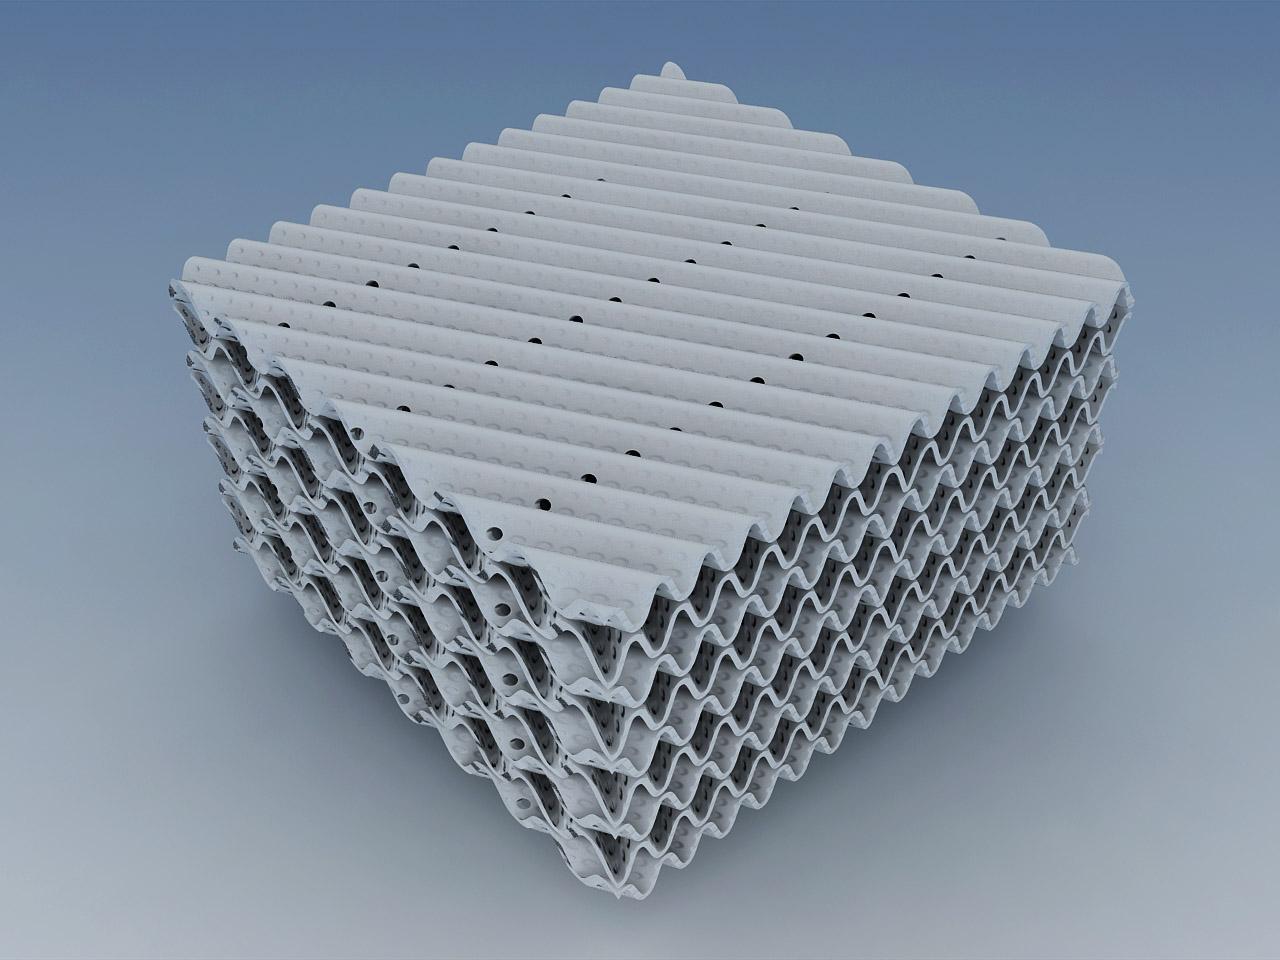 陶瓷波纹填料生产厂家 400Y陶瓷波纹填料 抗压强度